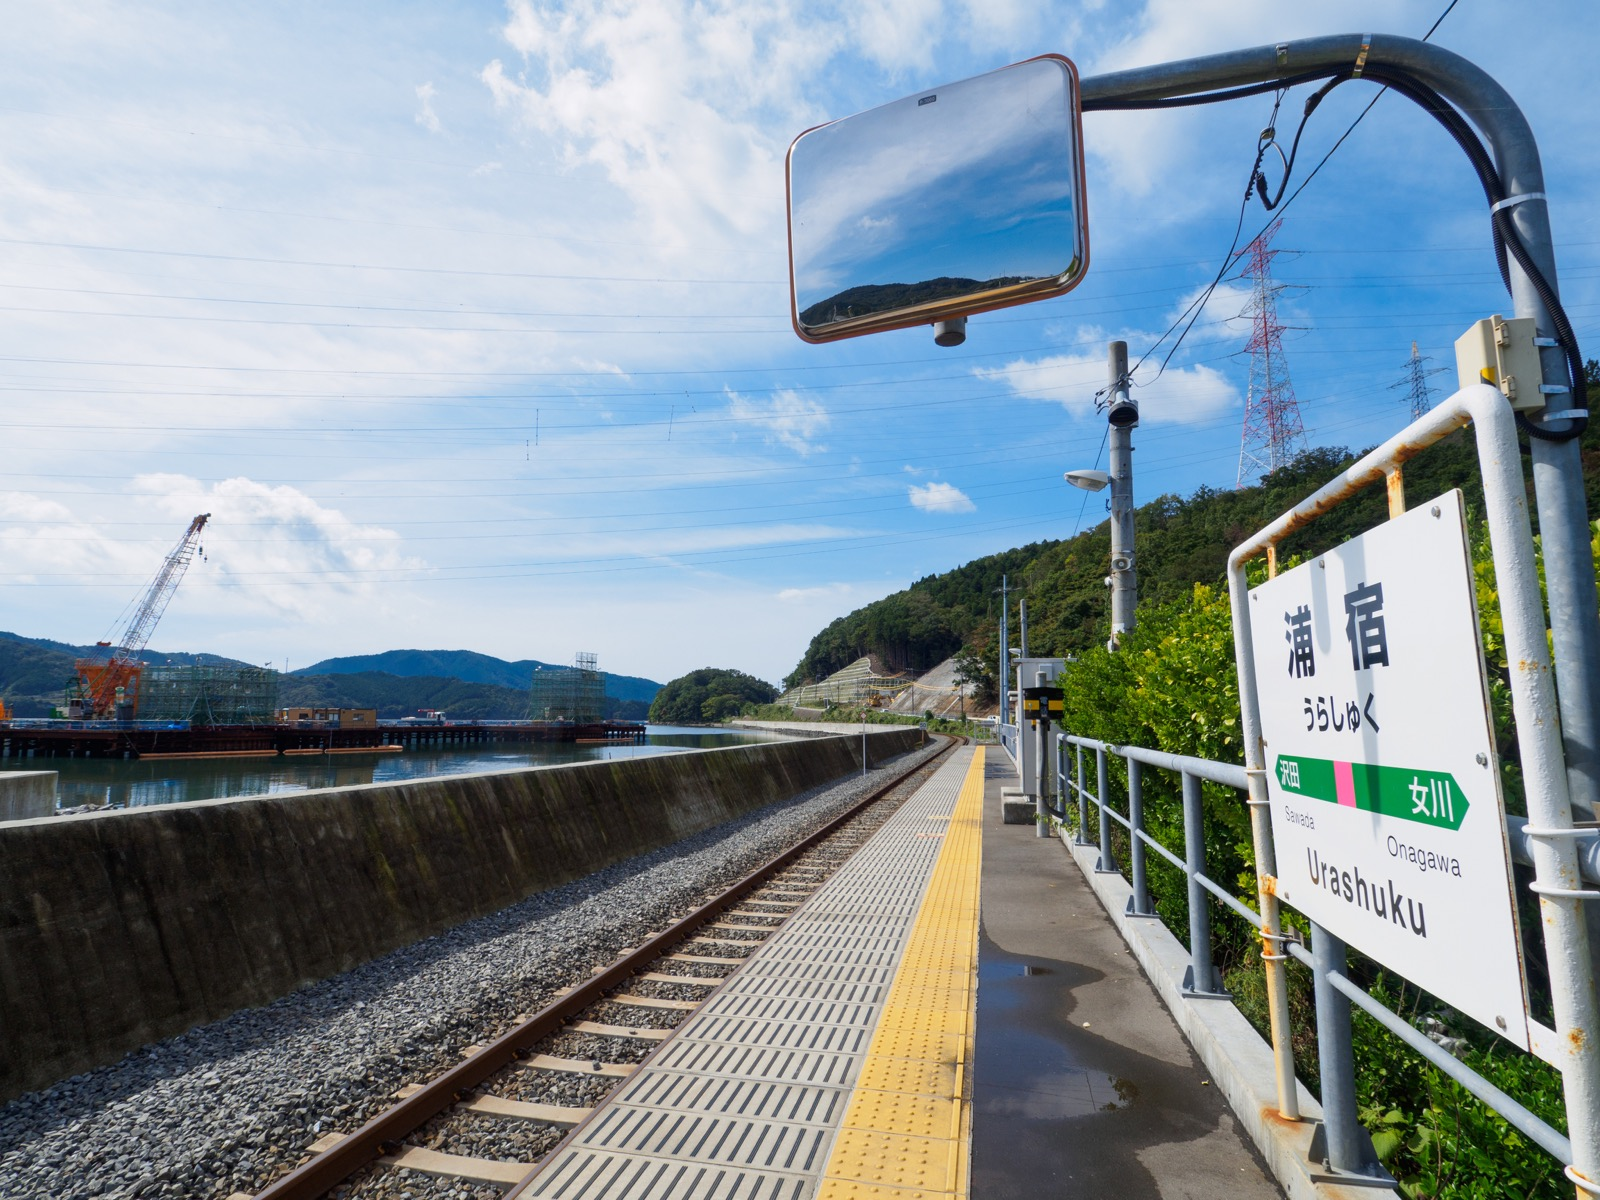 浦宿駅のホームと万石浦